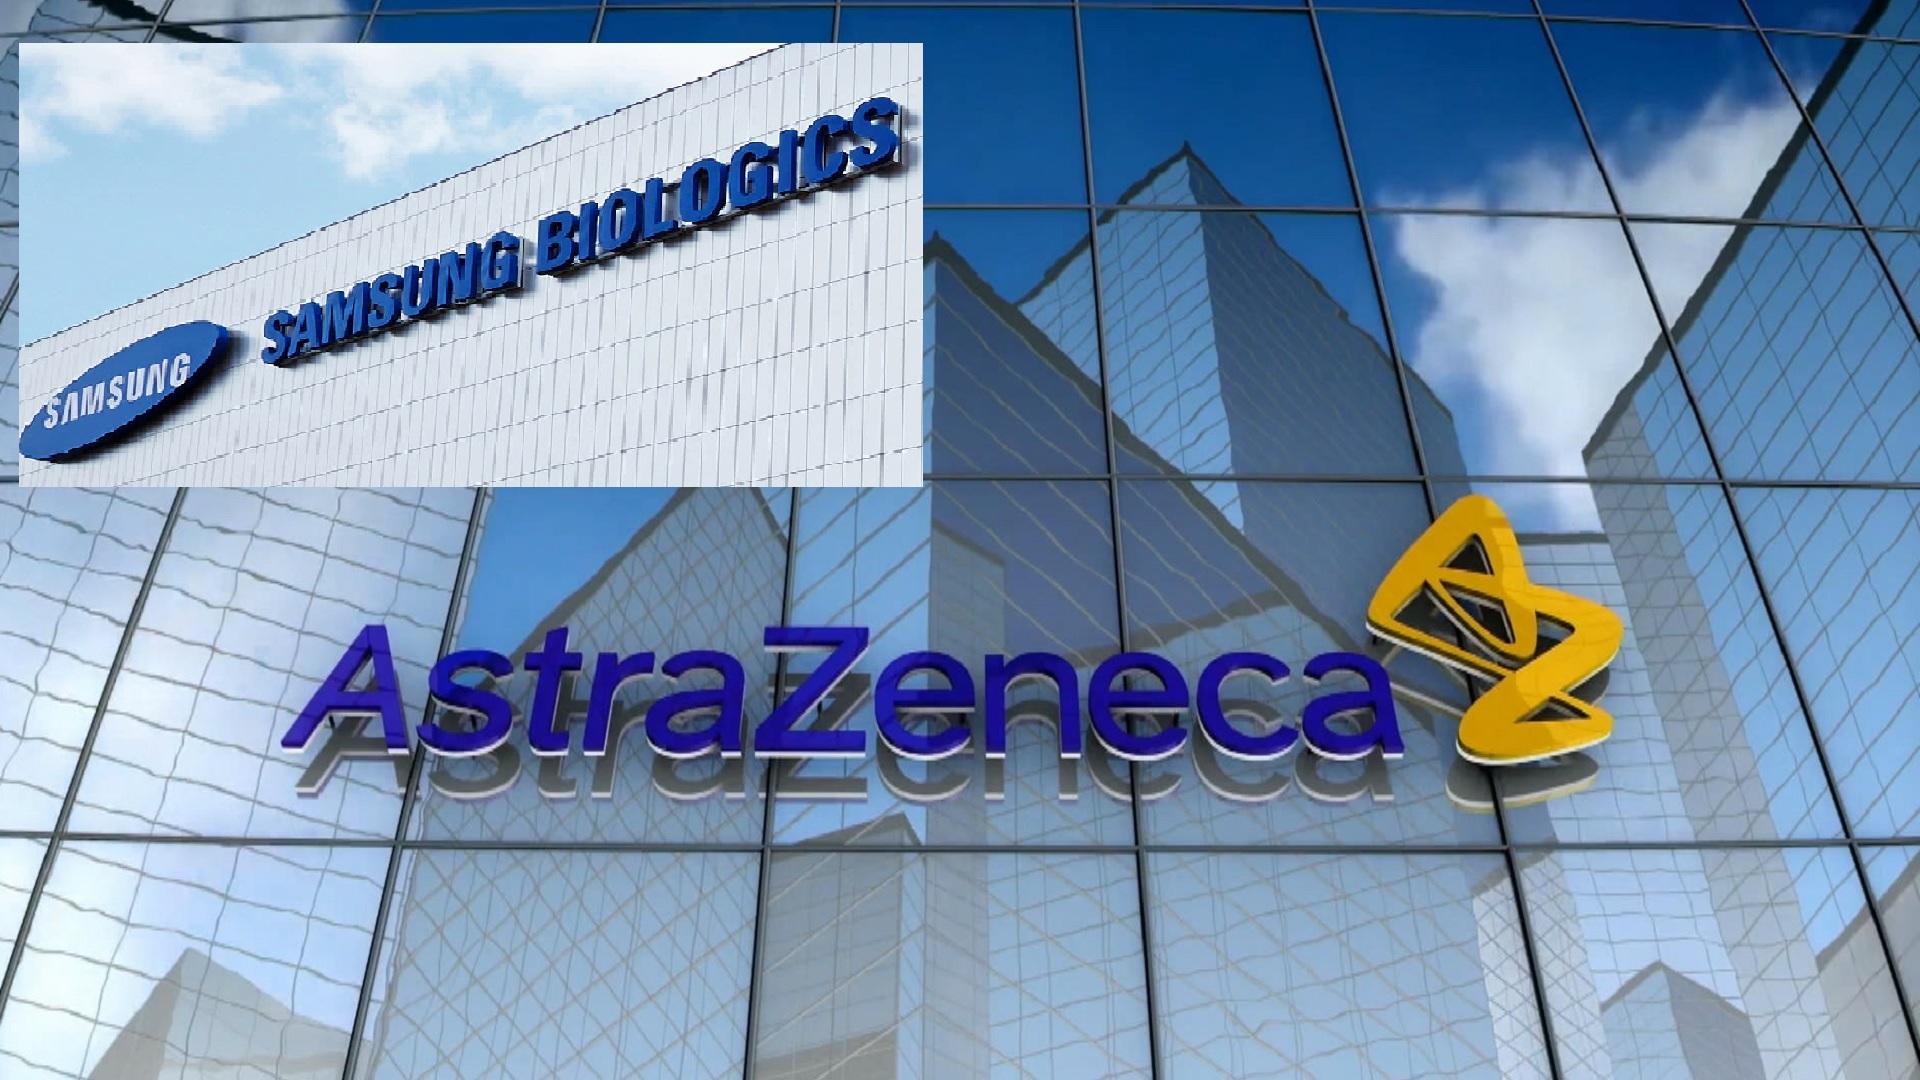 Φάρμακο επιχειρηματική συμφωνία: AstraZeneca και Samsung σε συμφωνία 331 εκατ. δολαρίων για βιολογικά προϊόντα